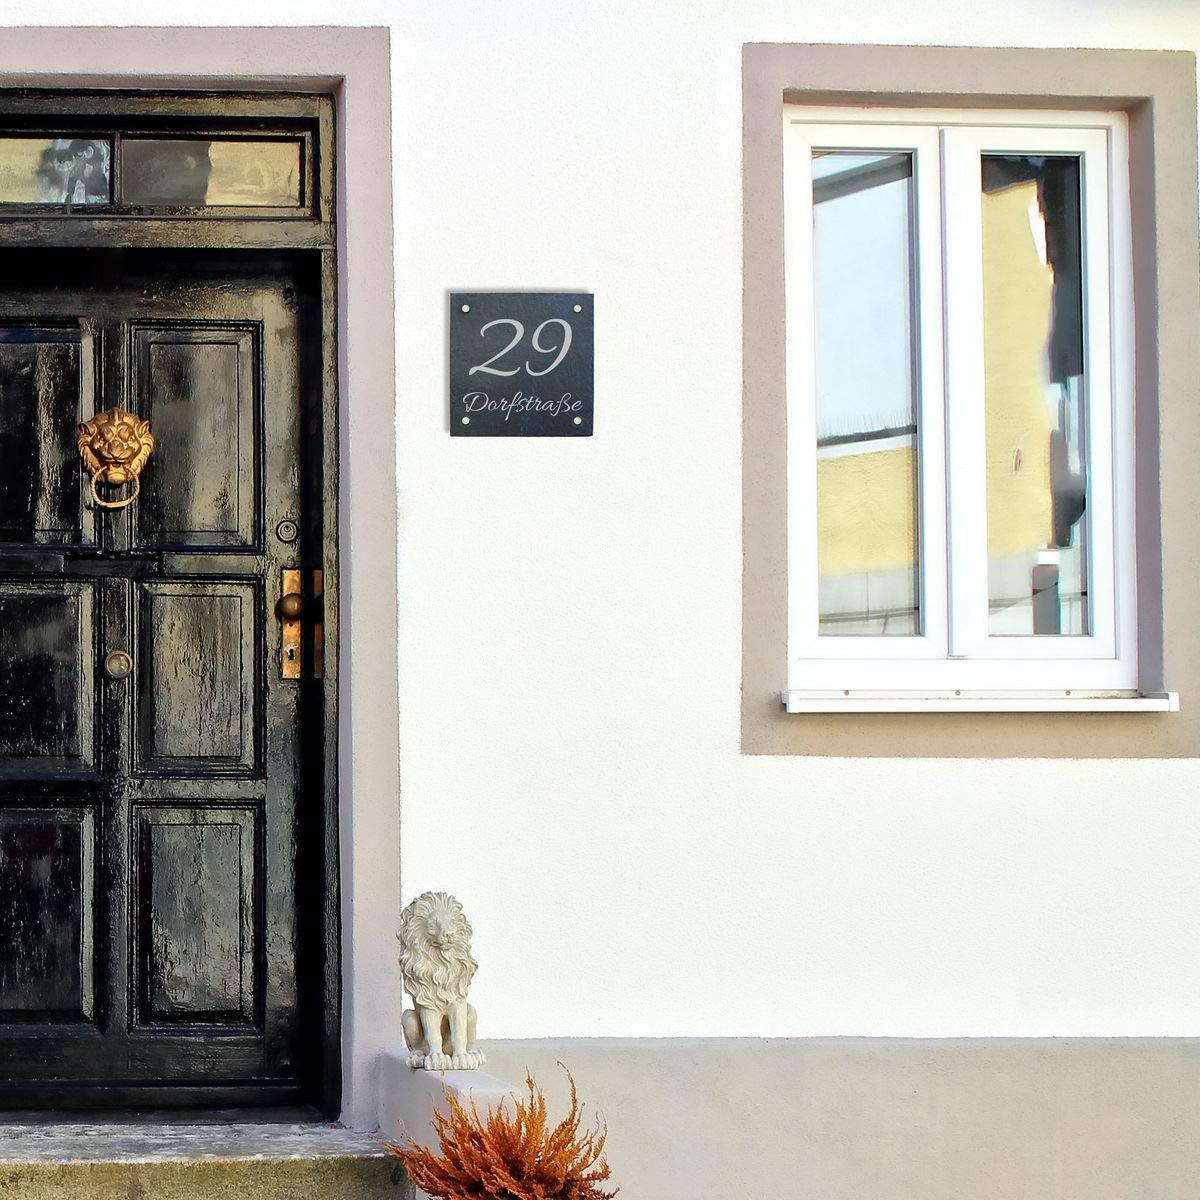 individuellem wetterfestem Druck und Abstandshalter aus Edelstahl 20 x 20 cm Haust/ürschild Hausnummer Hausschild aus Schiefer incl